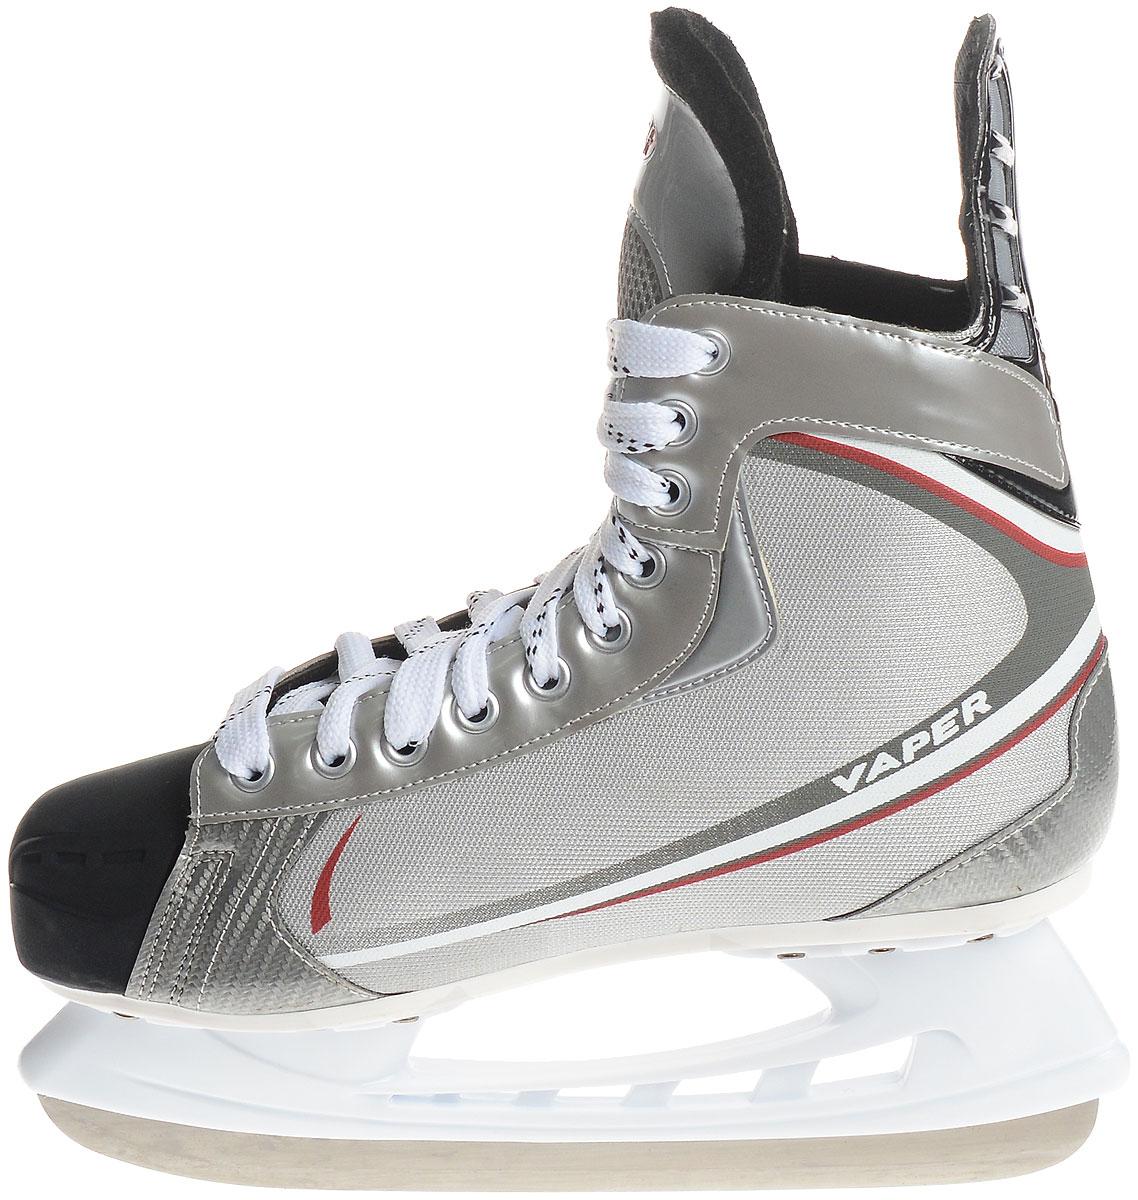 Коньки хоккейные мужские Hespeler Vaper, цвет: серый, белый, красный. Размер 41